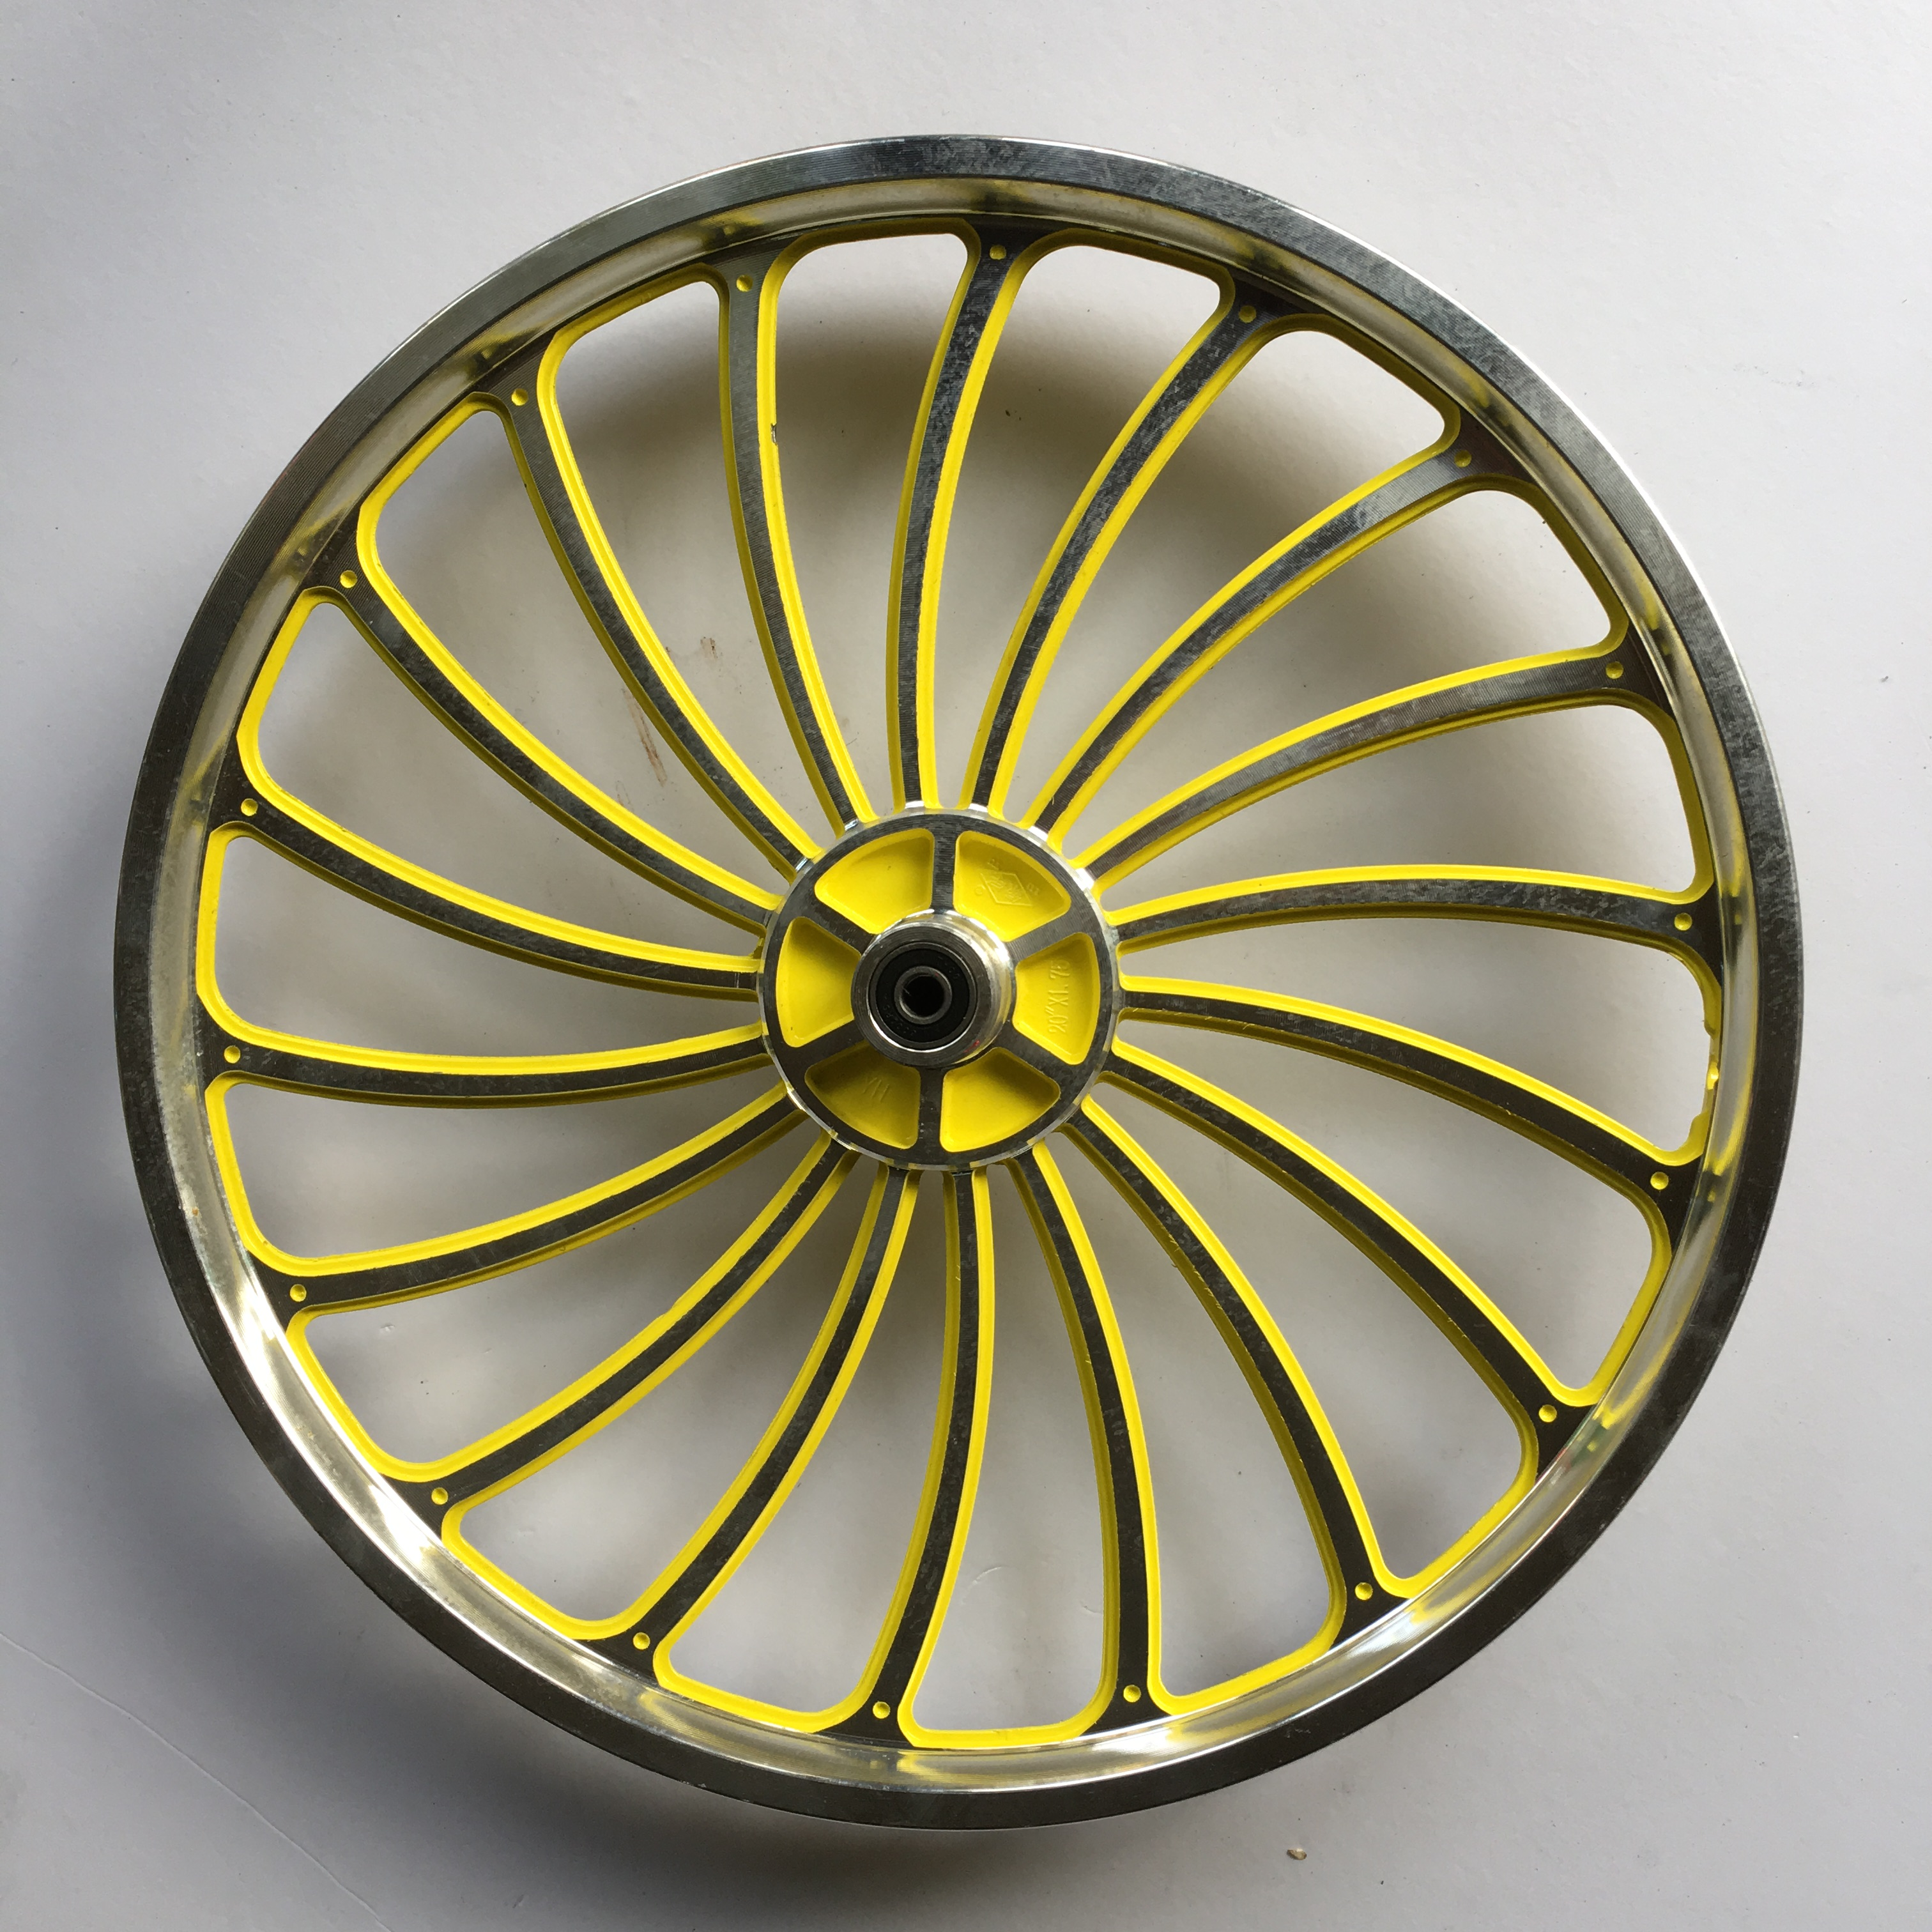 Заумный престиж специальный велосипед 24/22 колесо круг до становиться круглый трубка шина все заумный престиж специальный вращать (крутить колесо) модель подлинный